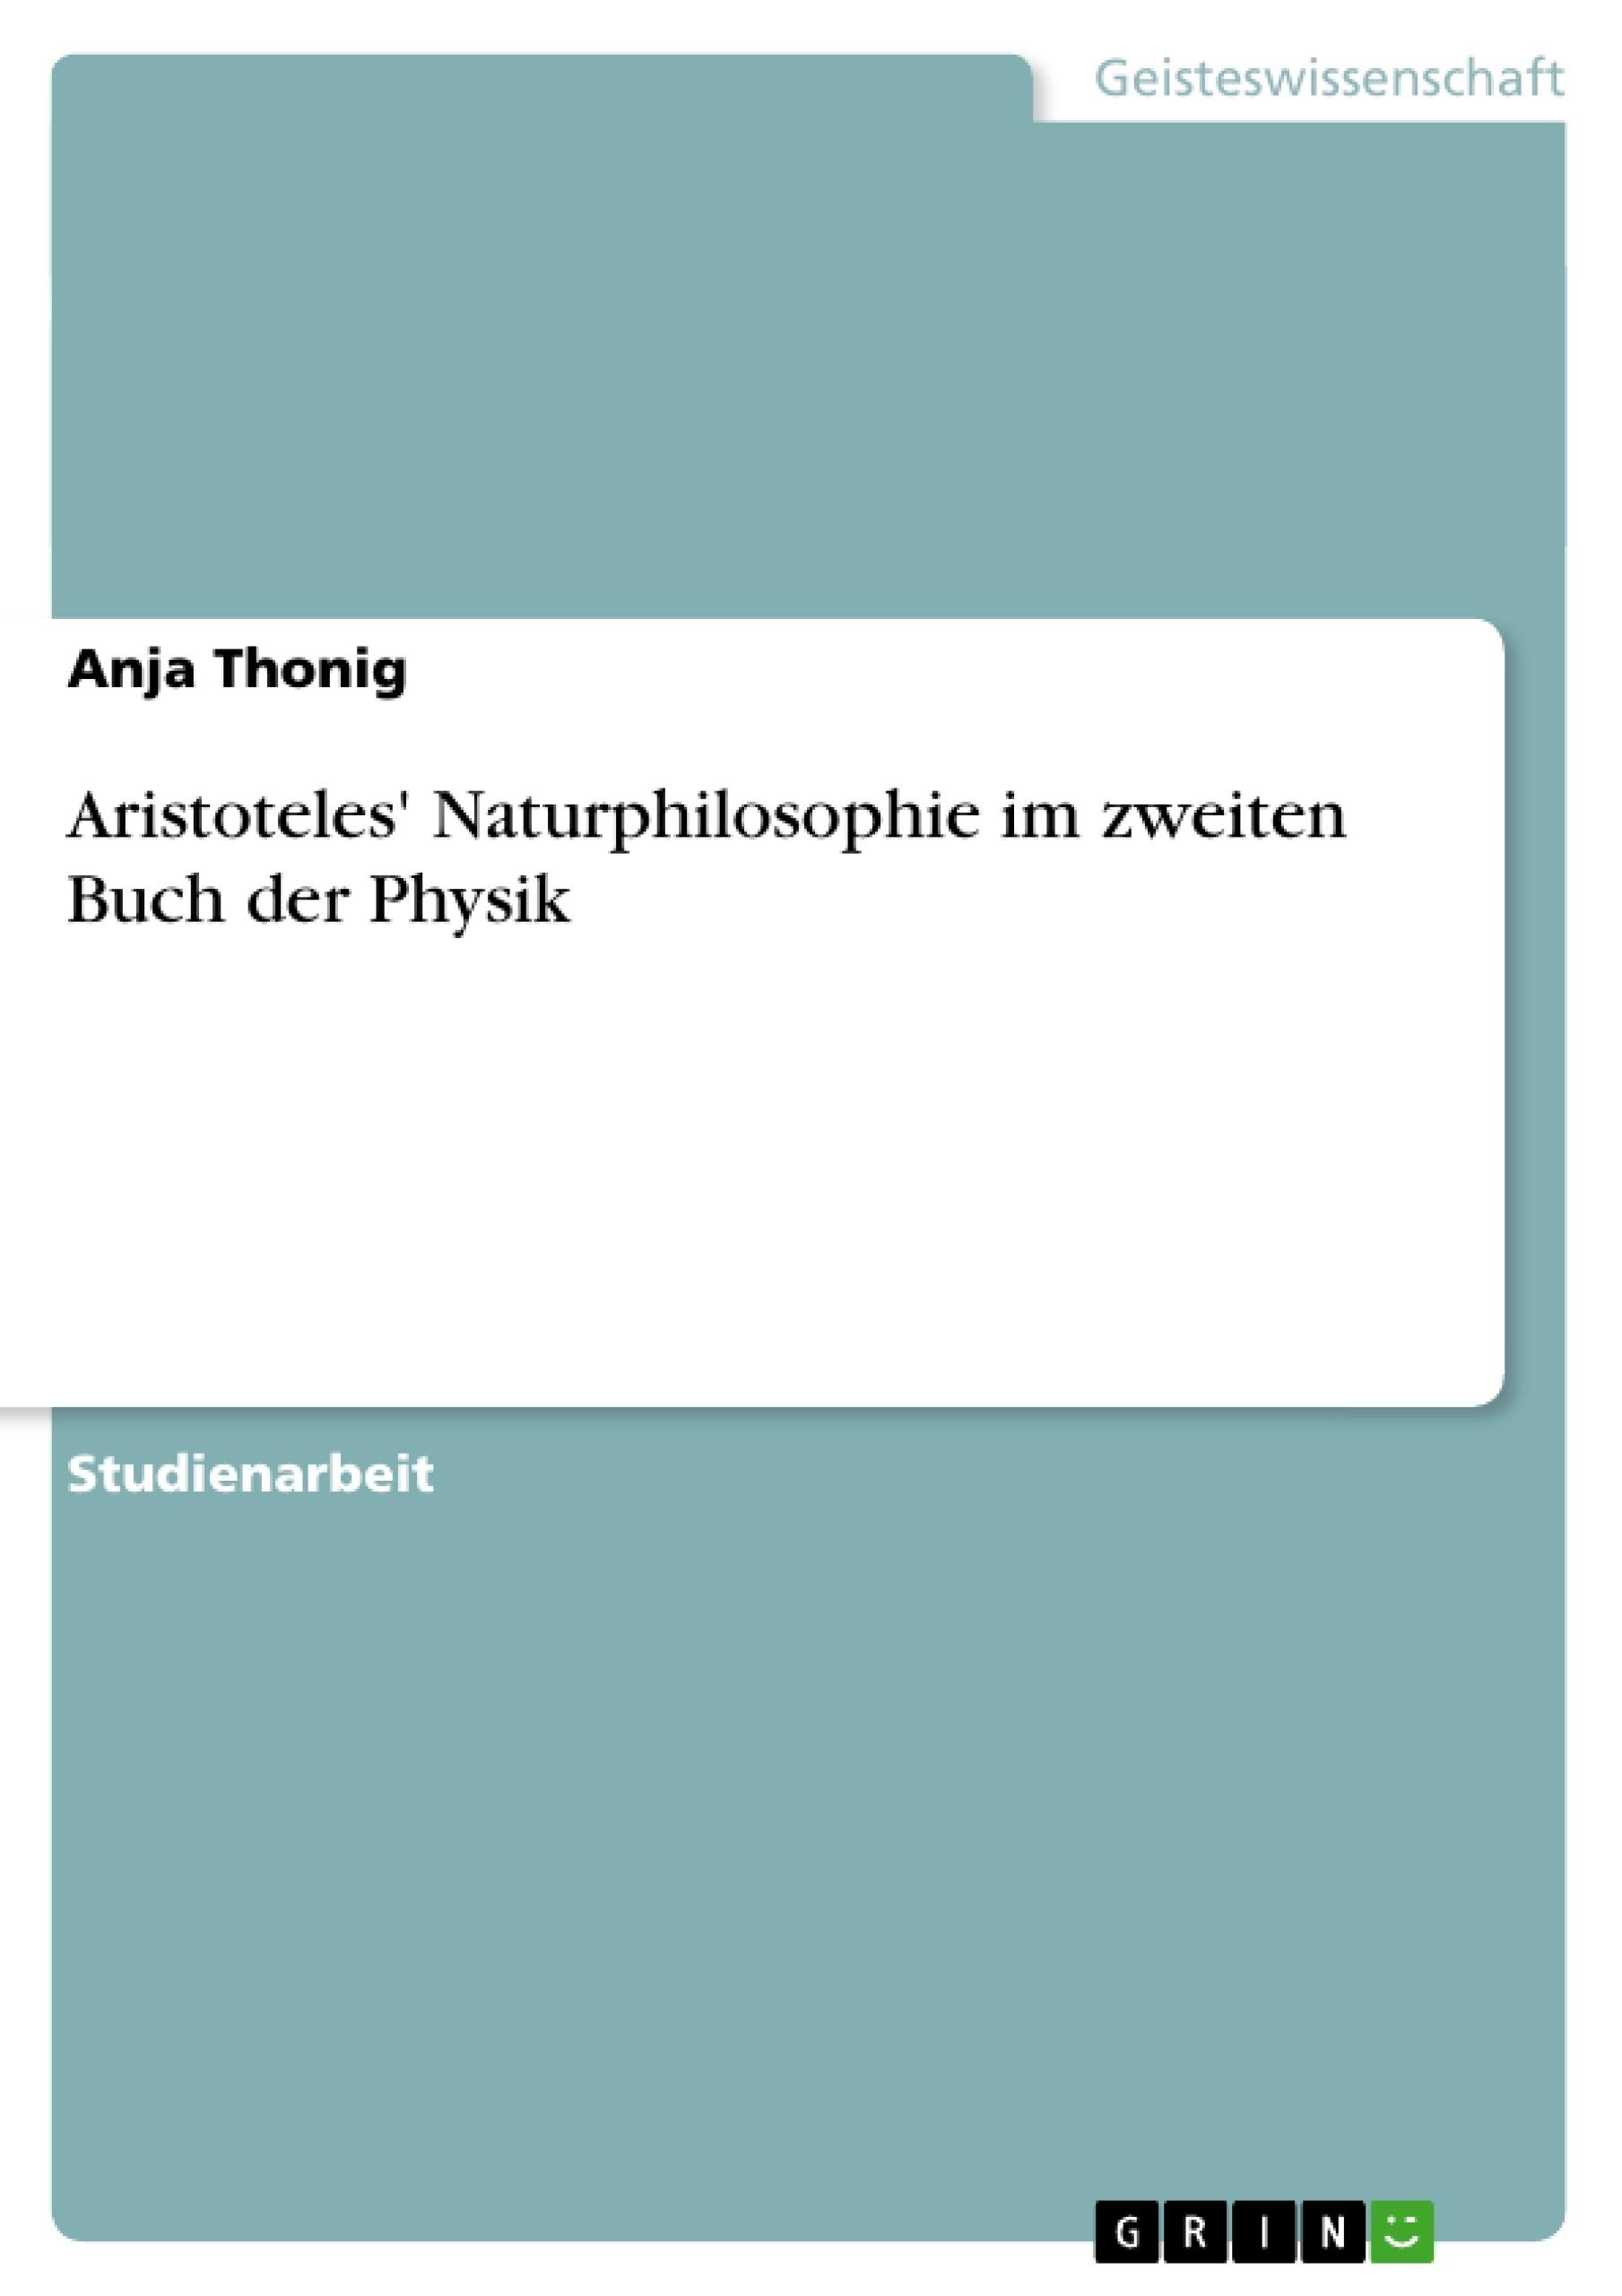 Titel: Aristoteles' Naturphilosophie im zweiten Buch der Physik